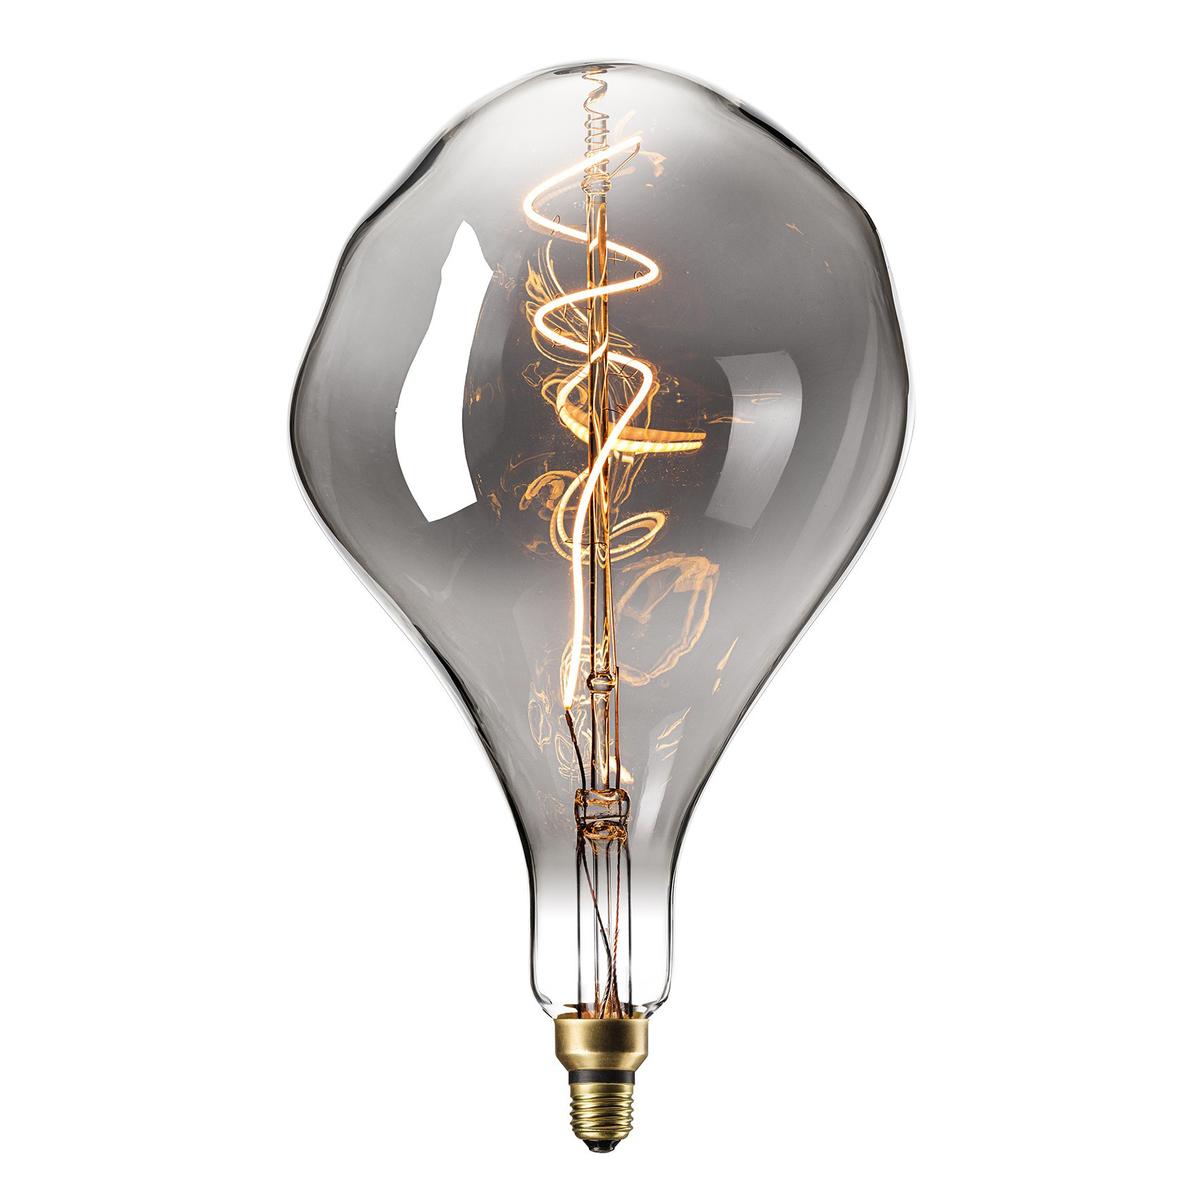 Ampoule filament décorative en verre argenté